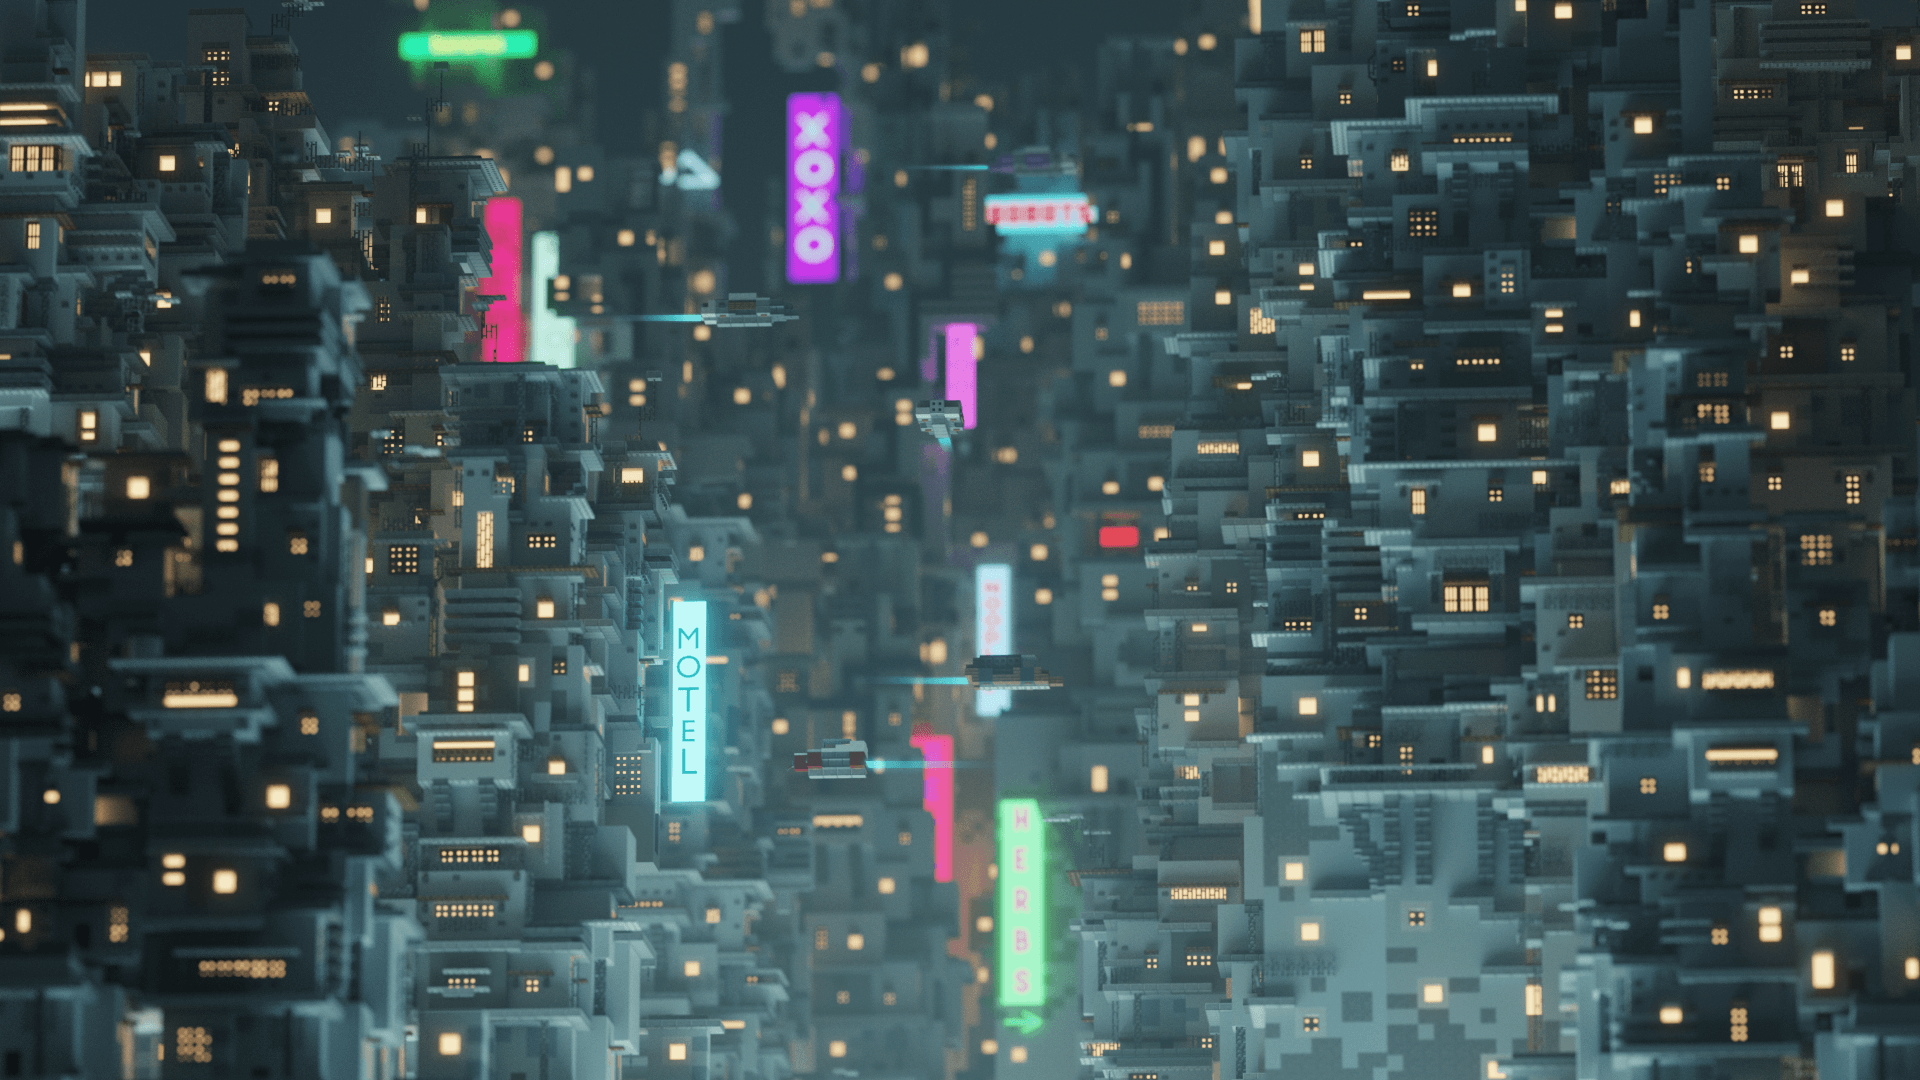 Minecraft - игрок создает невероятную сцену киберпанка 1